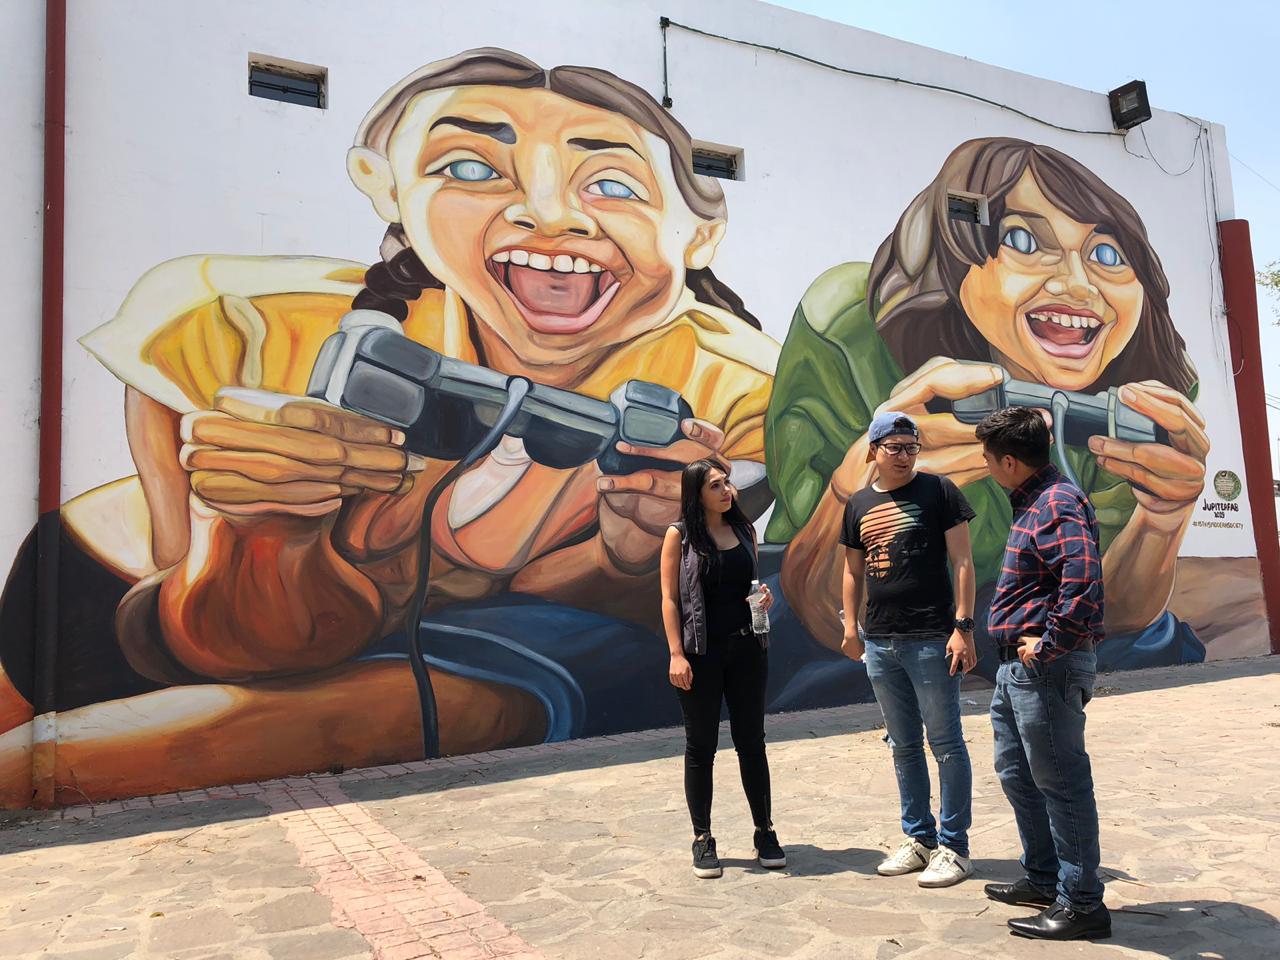 Fotografía a Guillermo Santiago director de IMJUVE donde se encuentra platicando con 2 jóvenes, y detrás puede apreciar un grandioso muro pintado por jóvenes destacando su arte urbano donde se muestran dos adolescentes jugando videojuegos.